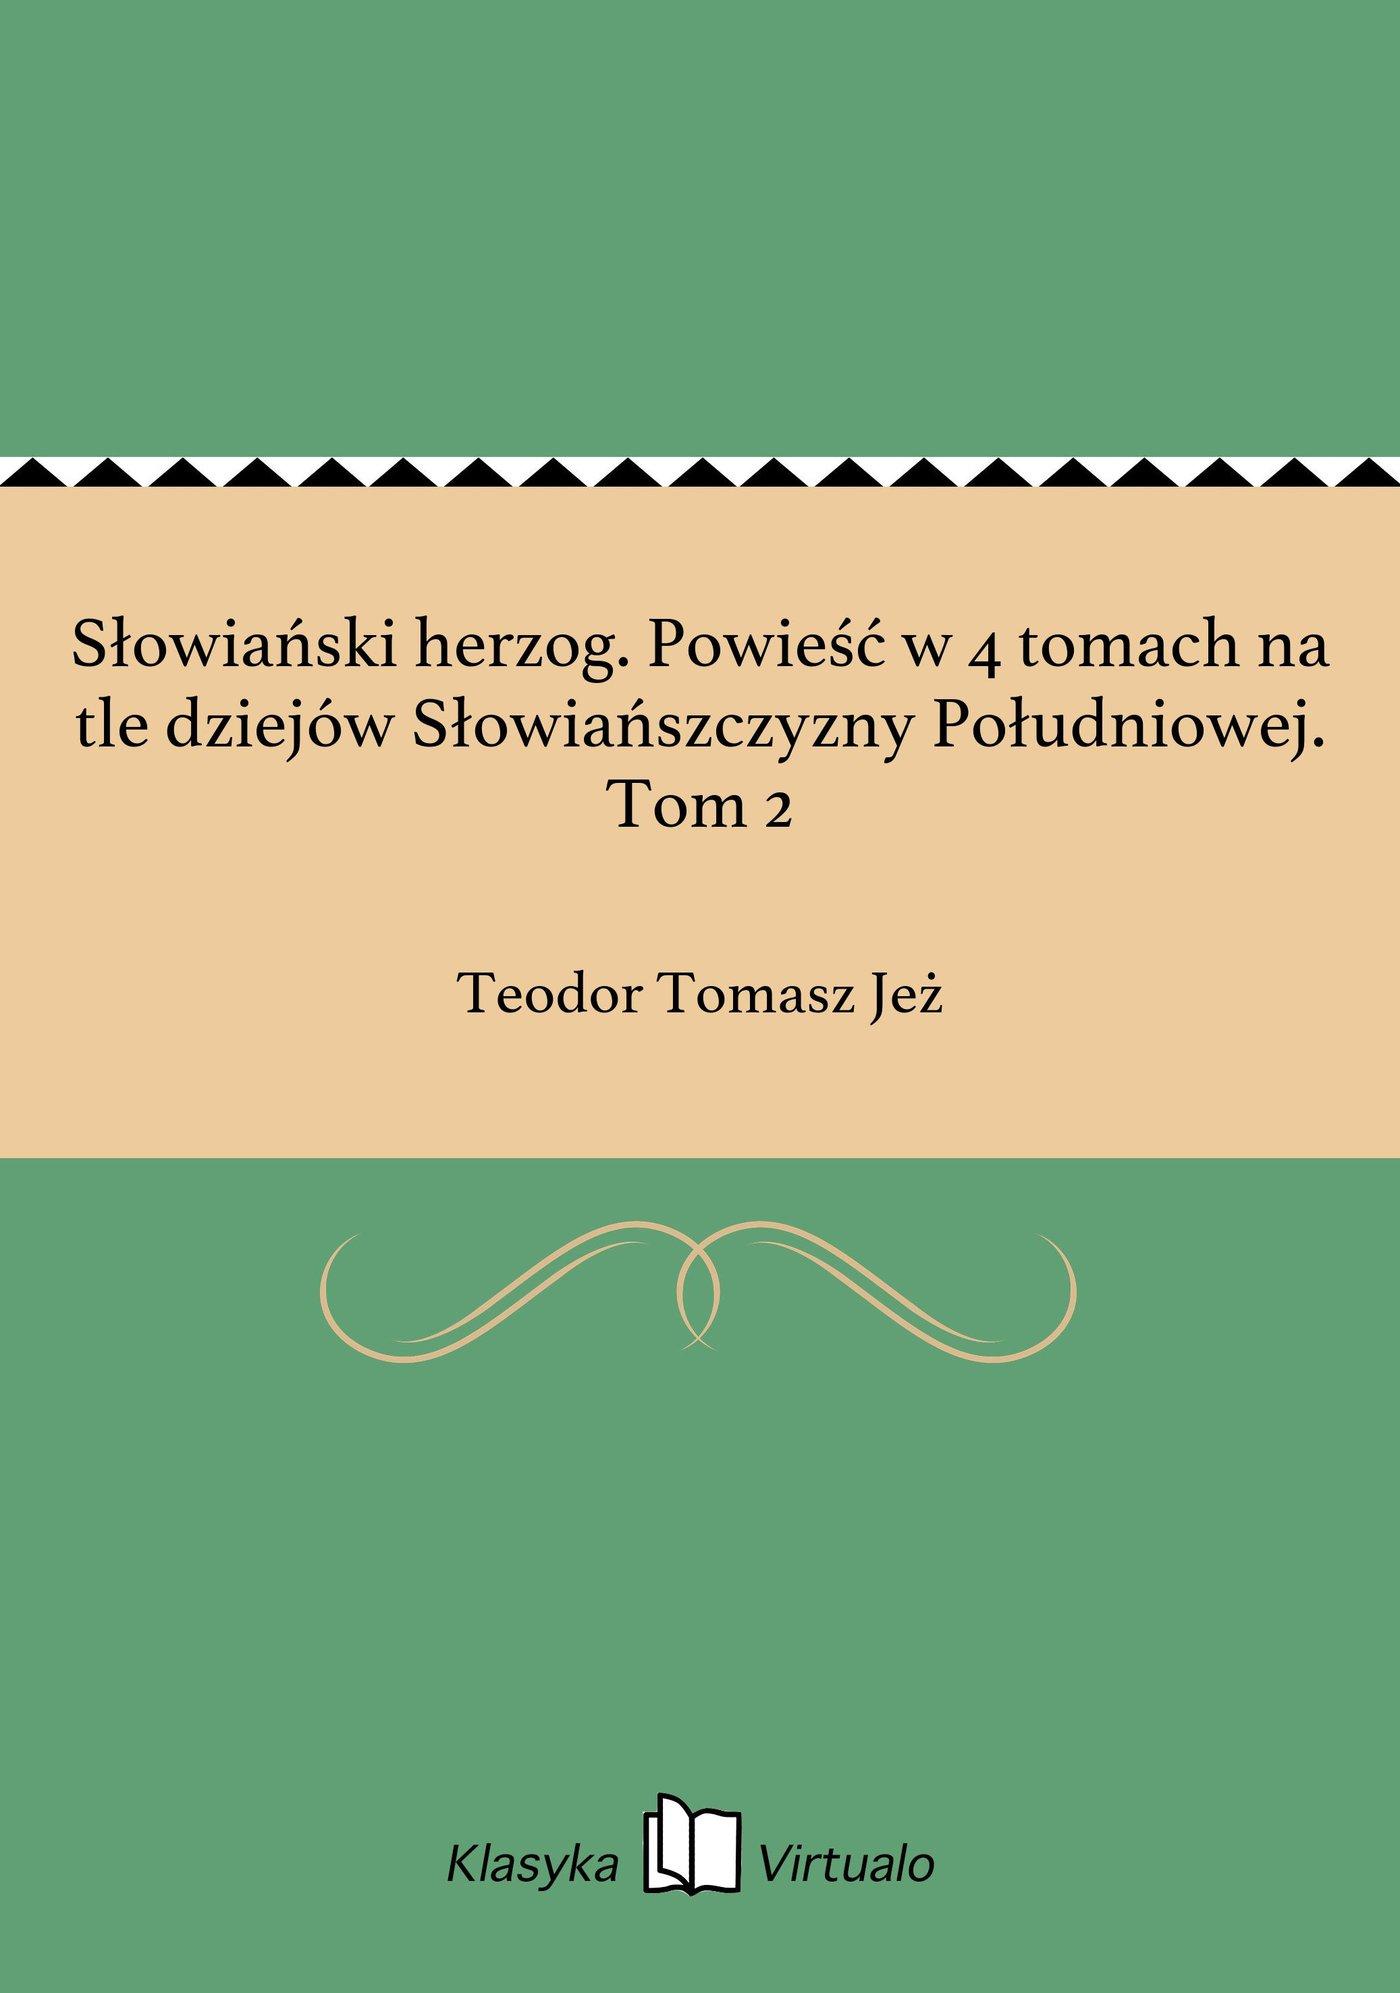 Słowiański herzog. Powieść w 4 tomach na tle dziejów Słowiańszczyzny Południowej. Tom 2 - Ebook (Książka EPUB) do pobrania w formacie EPUB